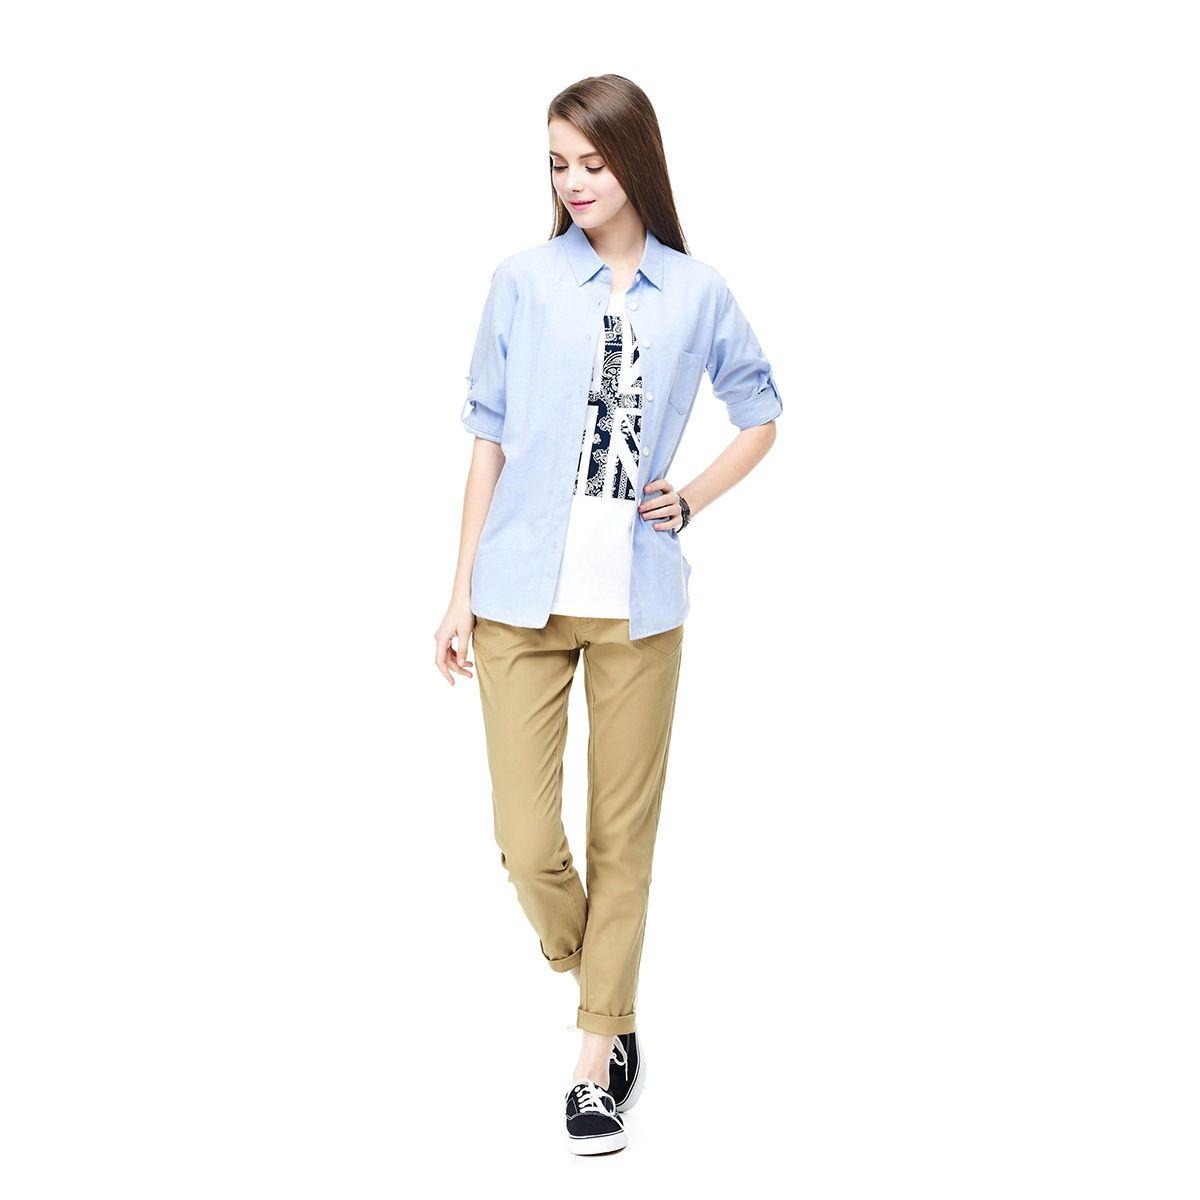 水洗牛津七分袖襯衫 - CACO美式休閒服飾購物網